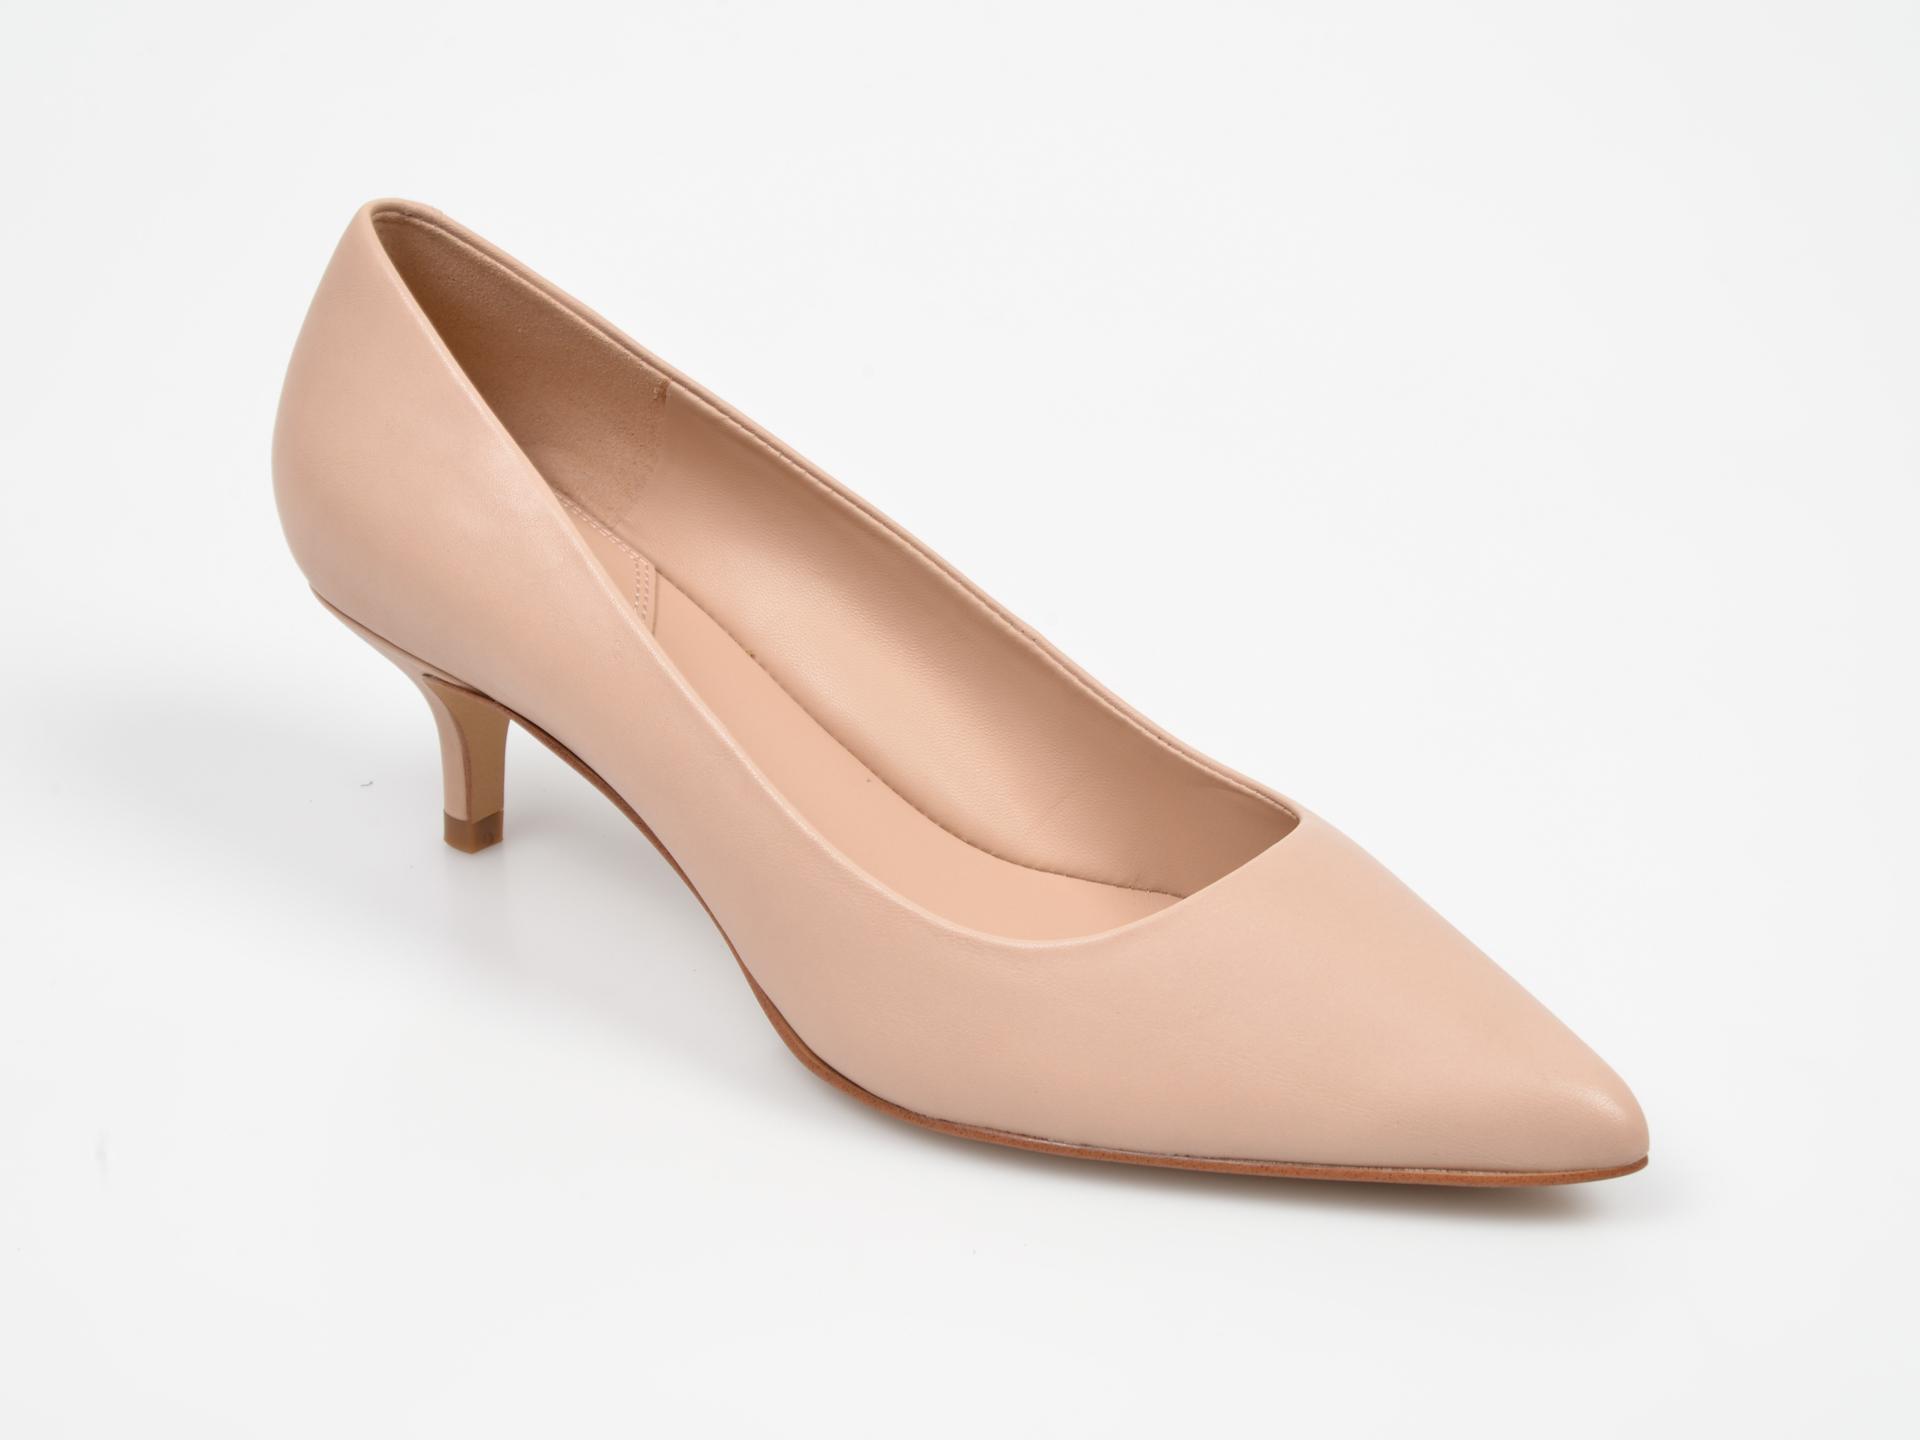 Pantofi ALDO nude Sieriaflex din piele naturala